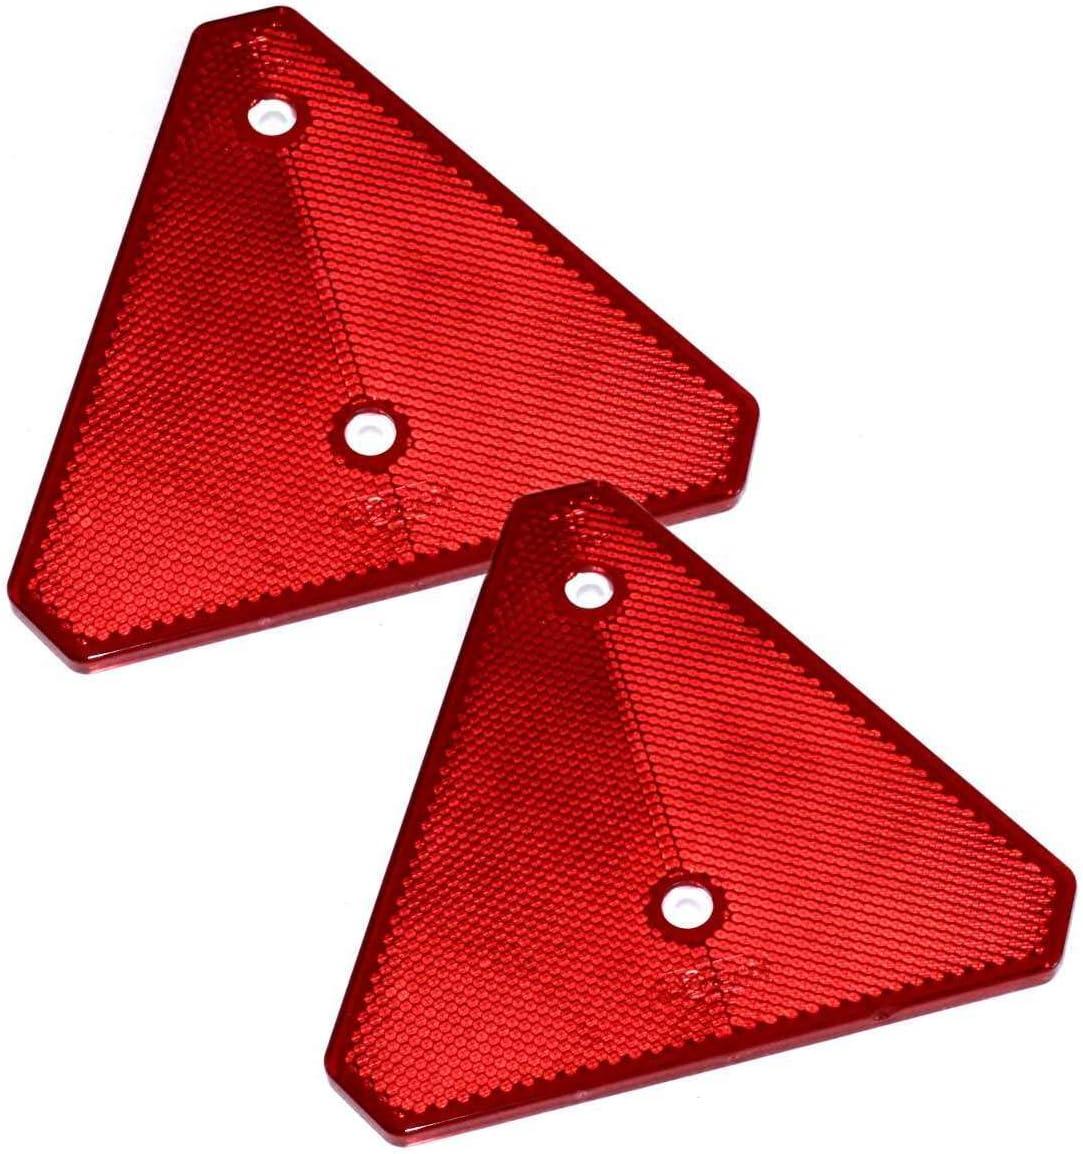 2 X Anhänger Rückstrahler In Rot Für Lkw Anhänger Oder Wohnwagen E Geprüft Auto